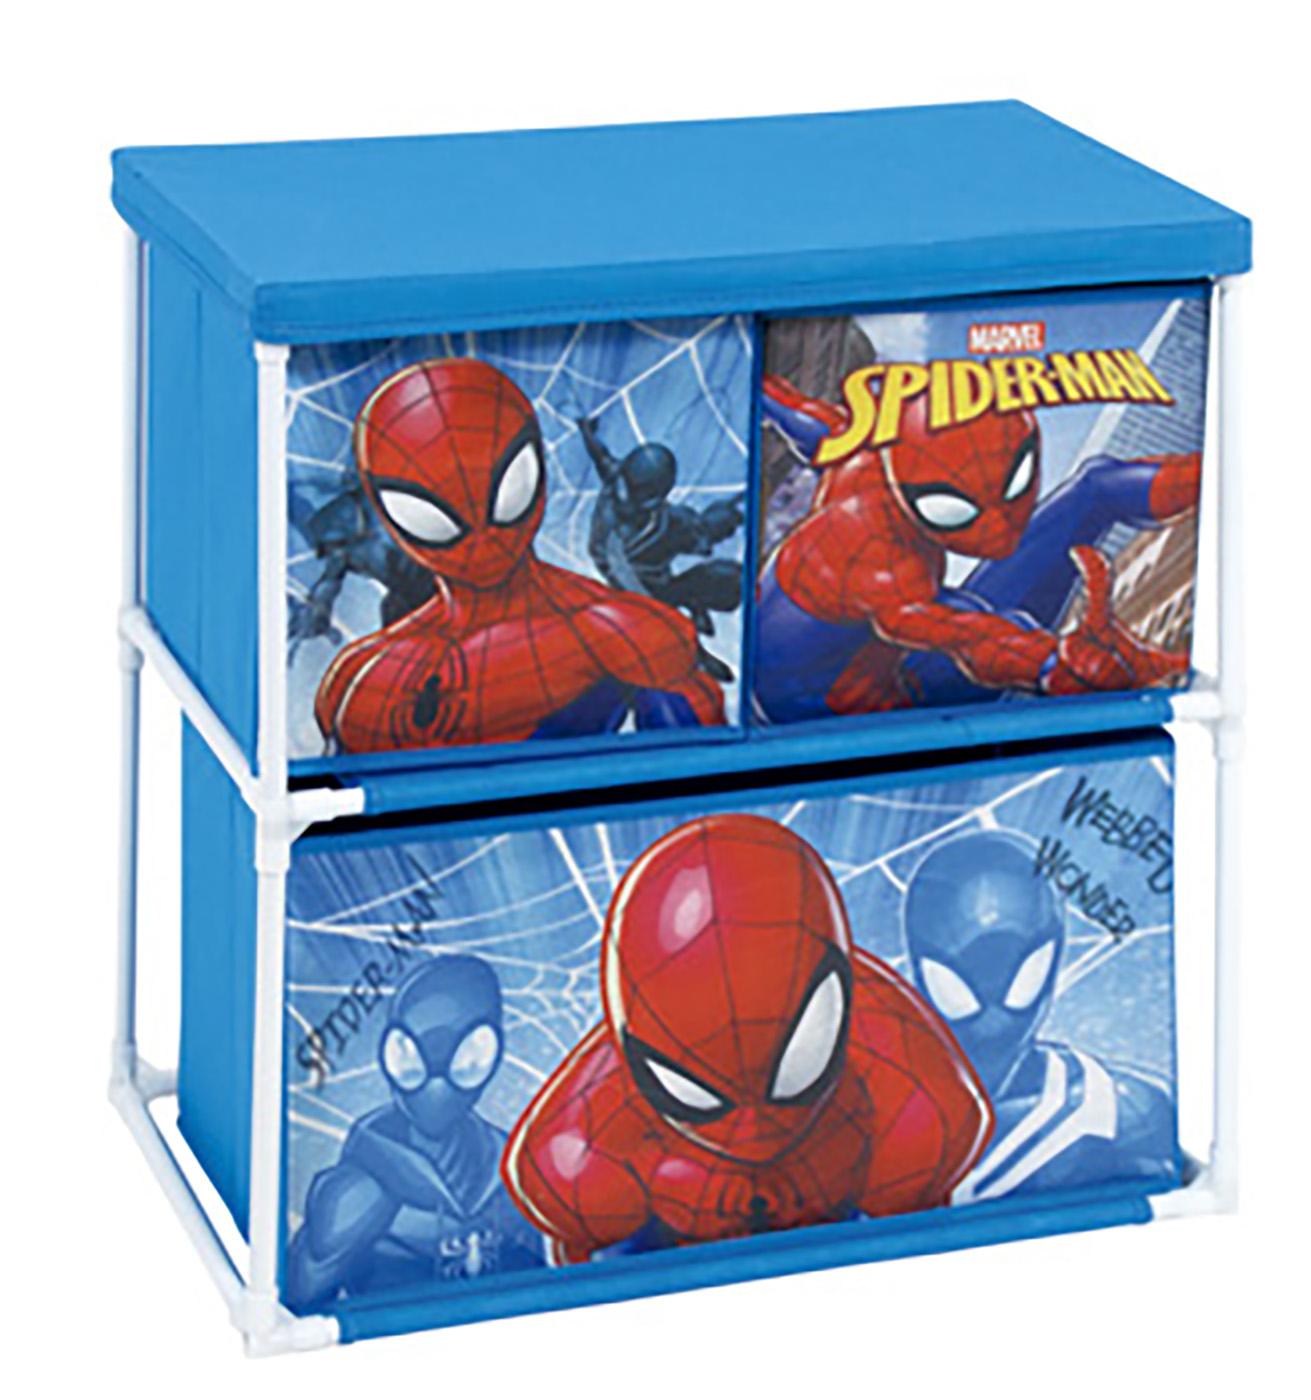 Scaffale Portagiochi in metallo Spiderman